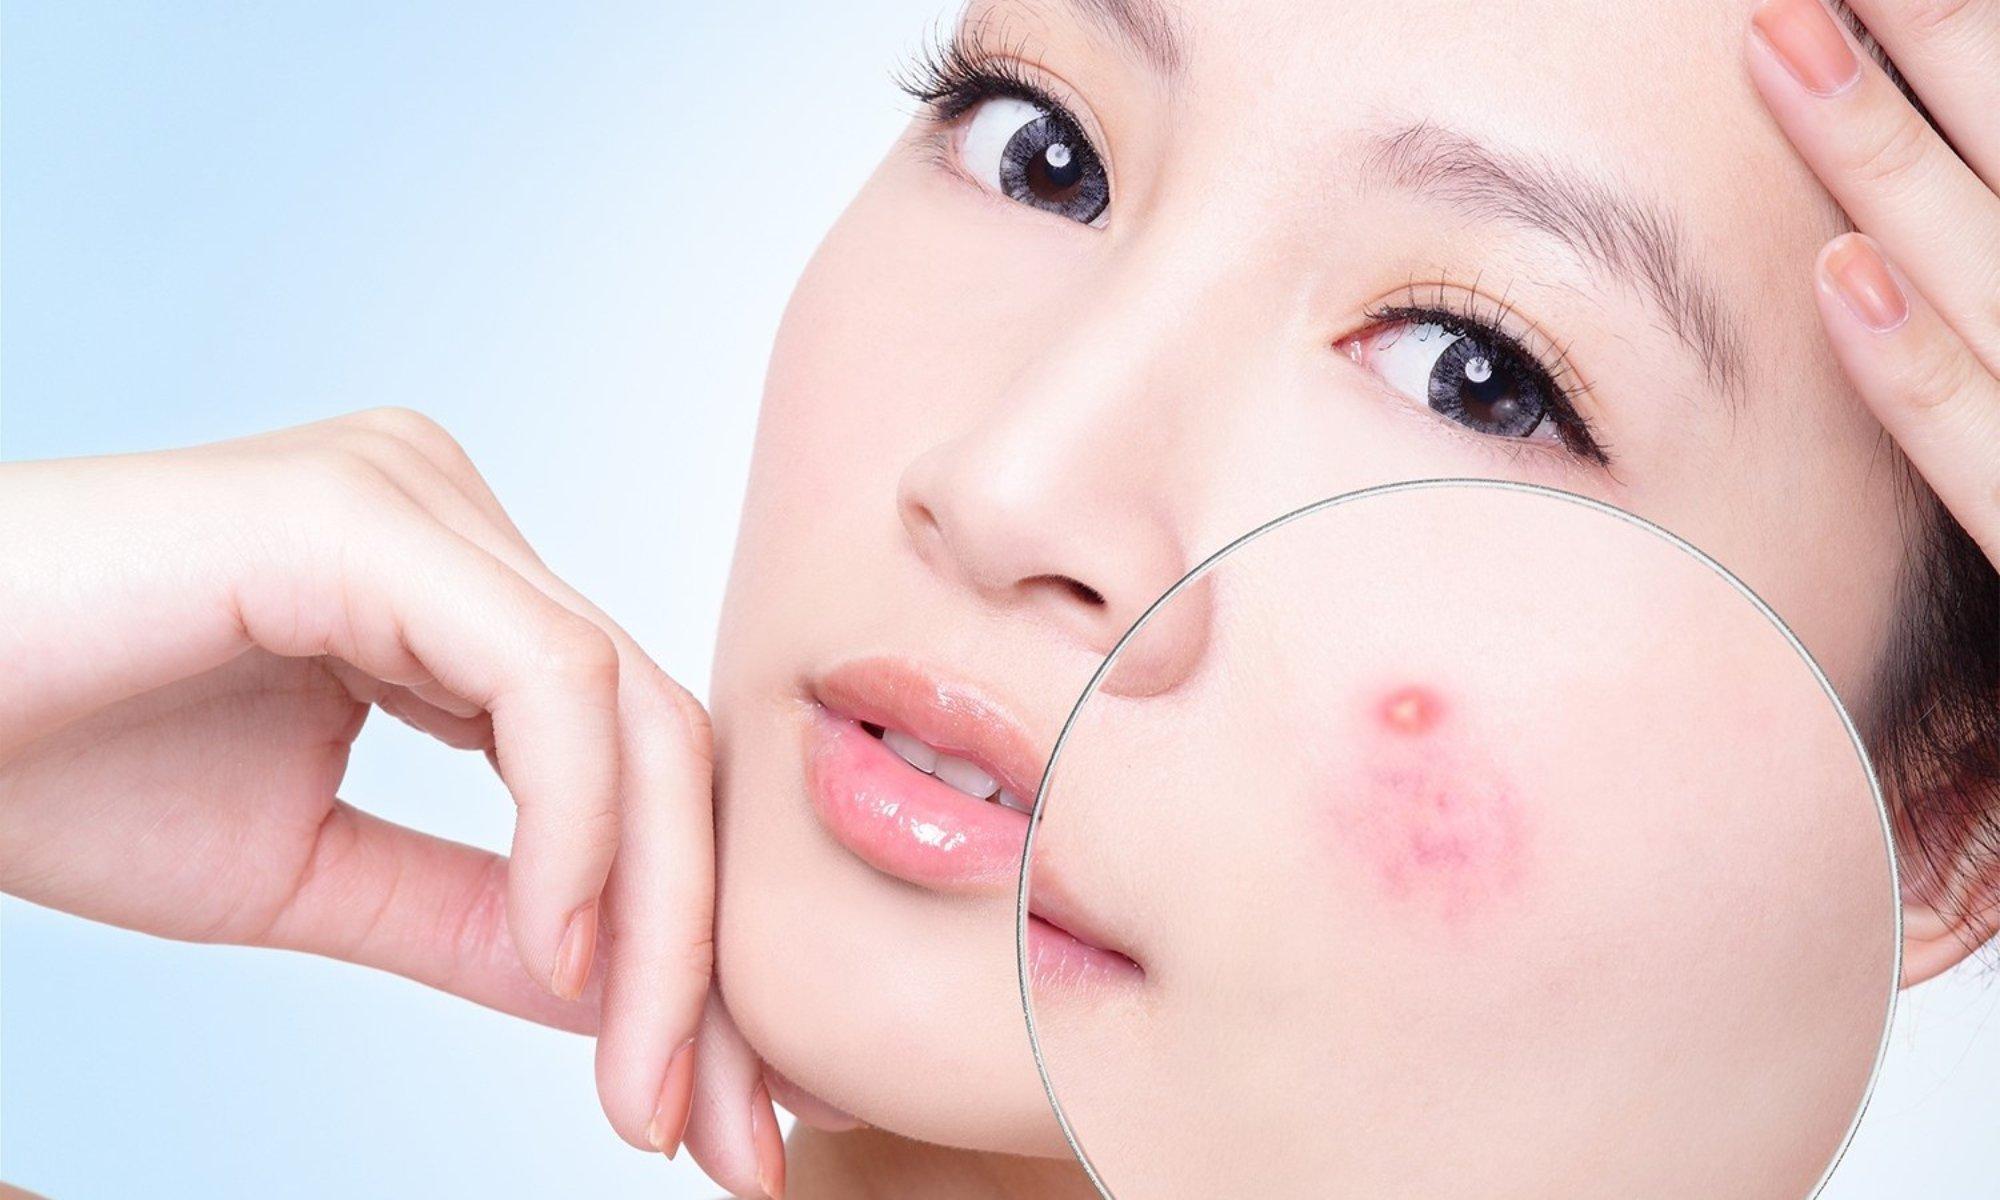 tác dụng thần kì của dầu hạnh nhân đối với làn da của bạn1